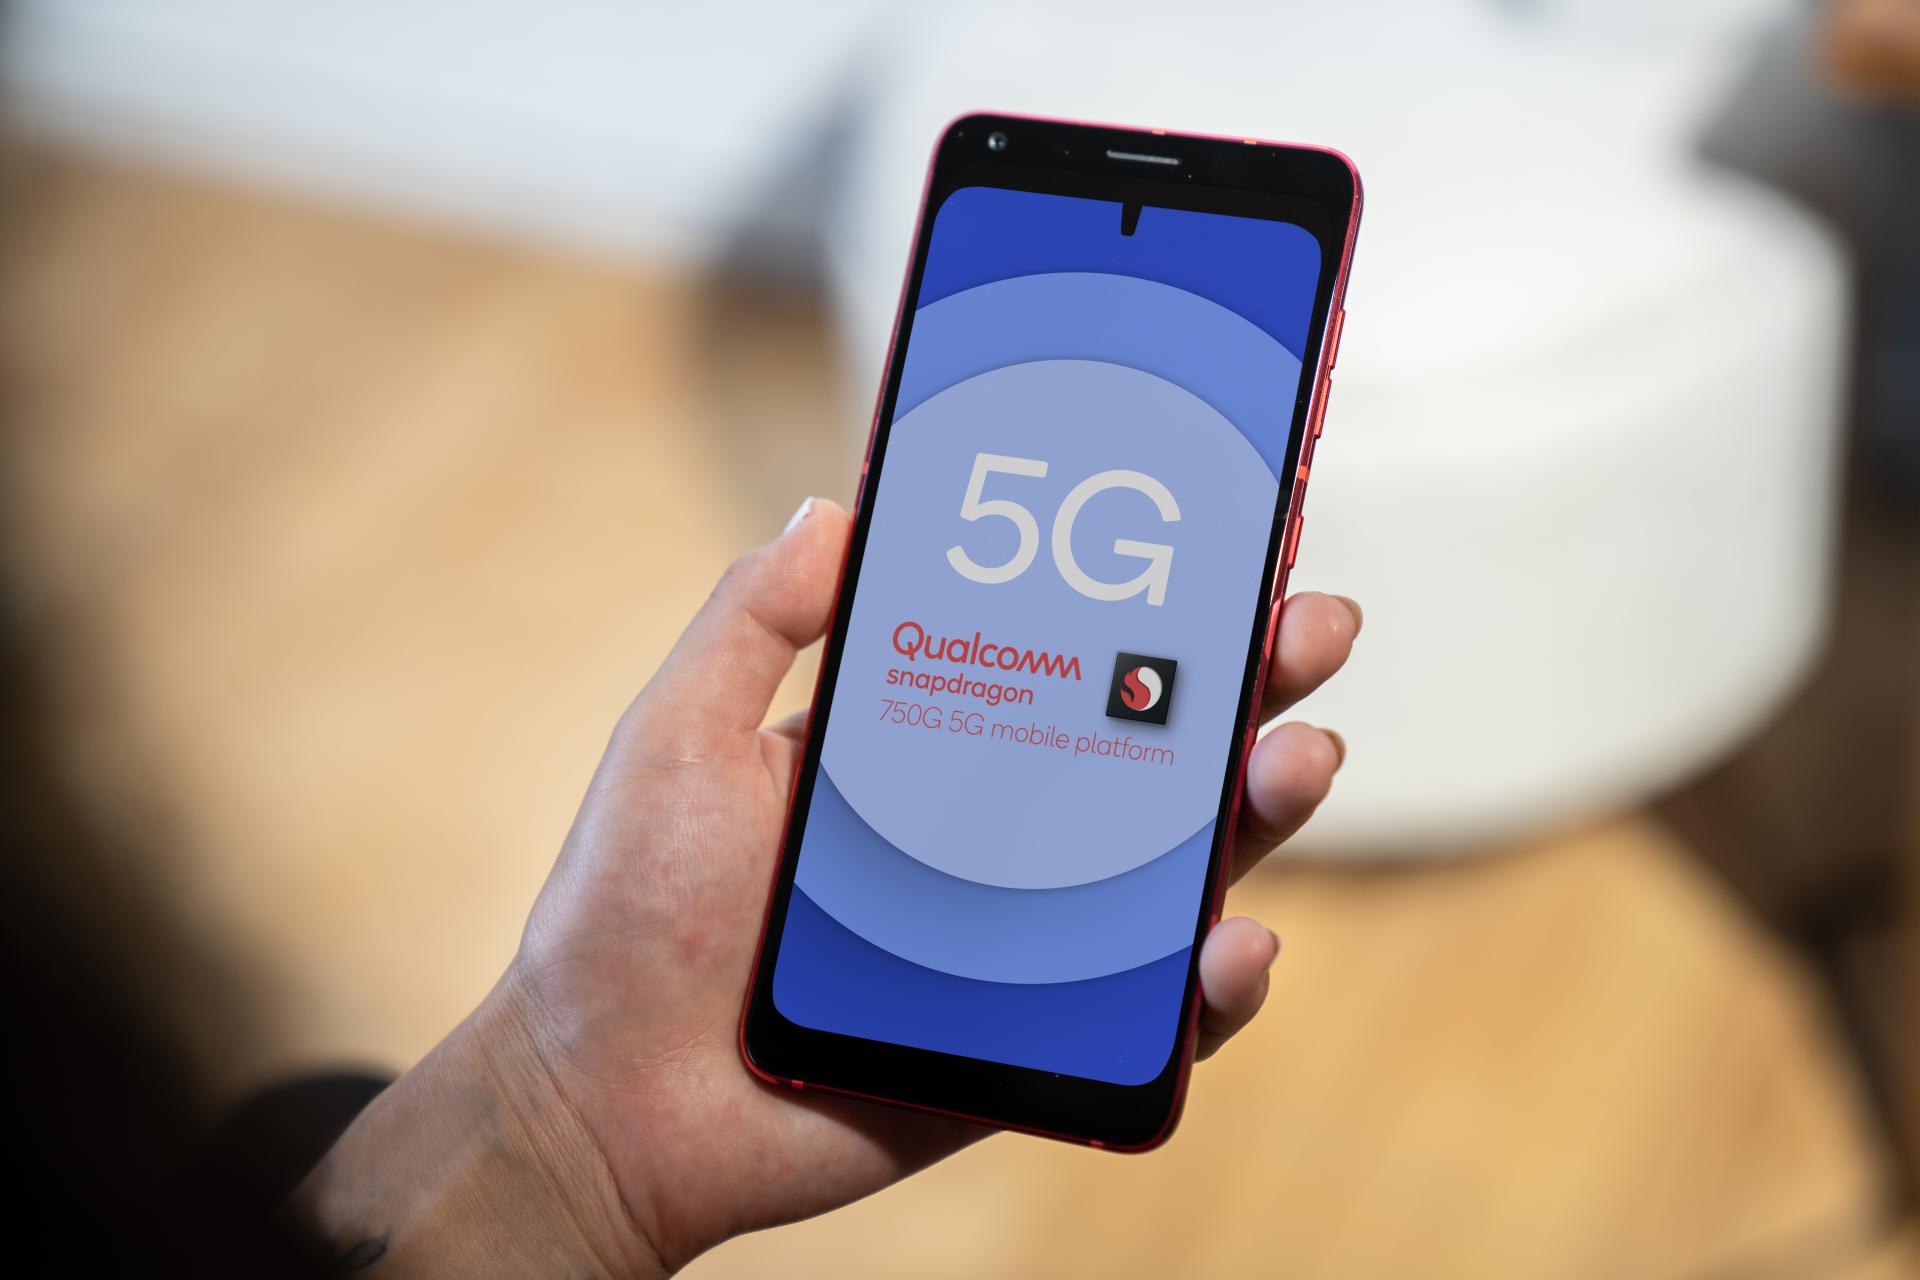 Col nuovo Qualcomm Snapdragon 750G 5G la fascia media è ancora più agguerrita